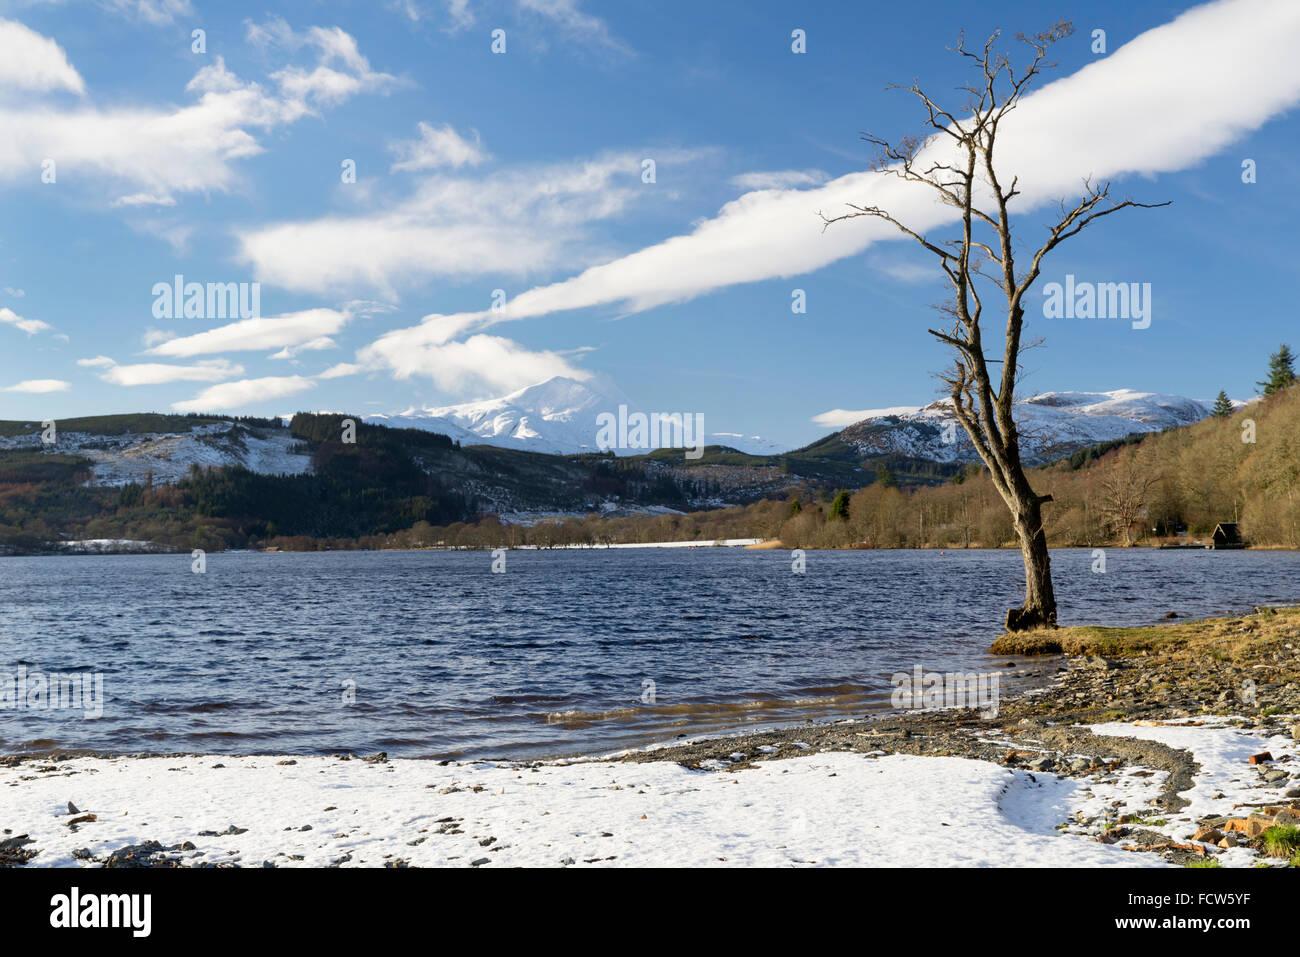 Ben Lomond et Loch Ard, Aberfoyle, les Trossachs, l'Écosse, au milieu de l'hiver. Photo Stock